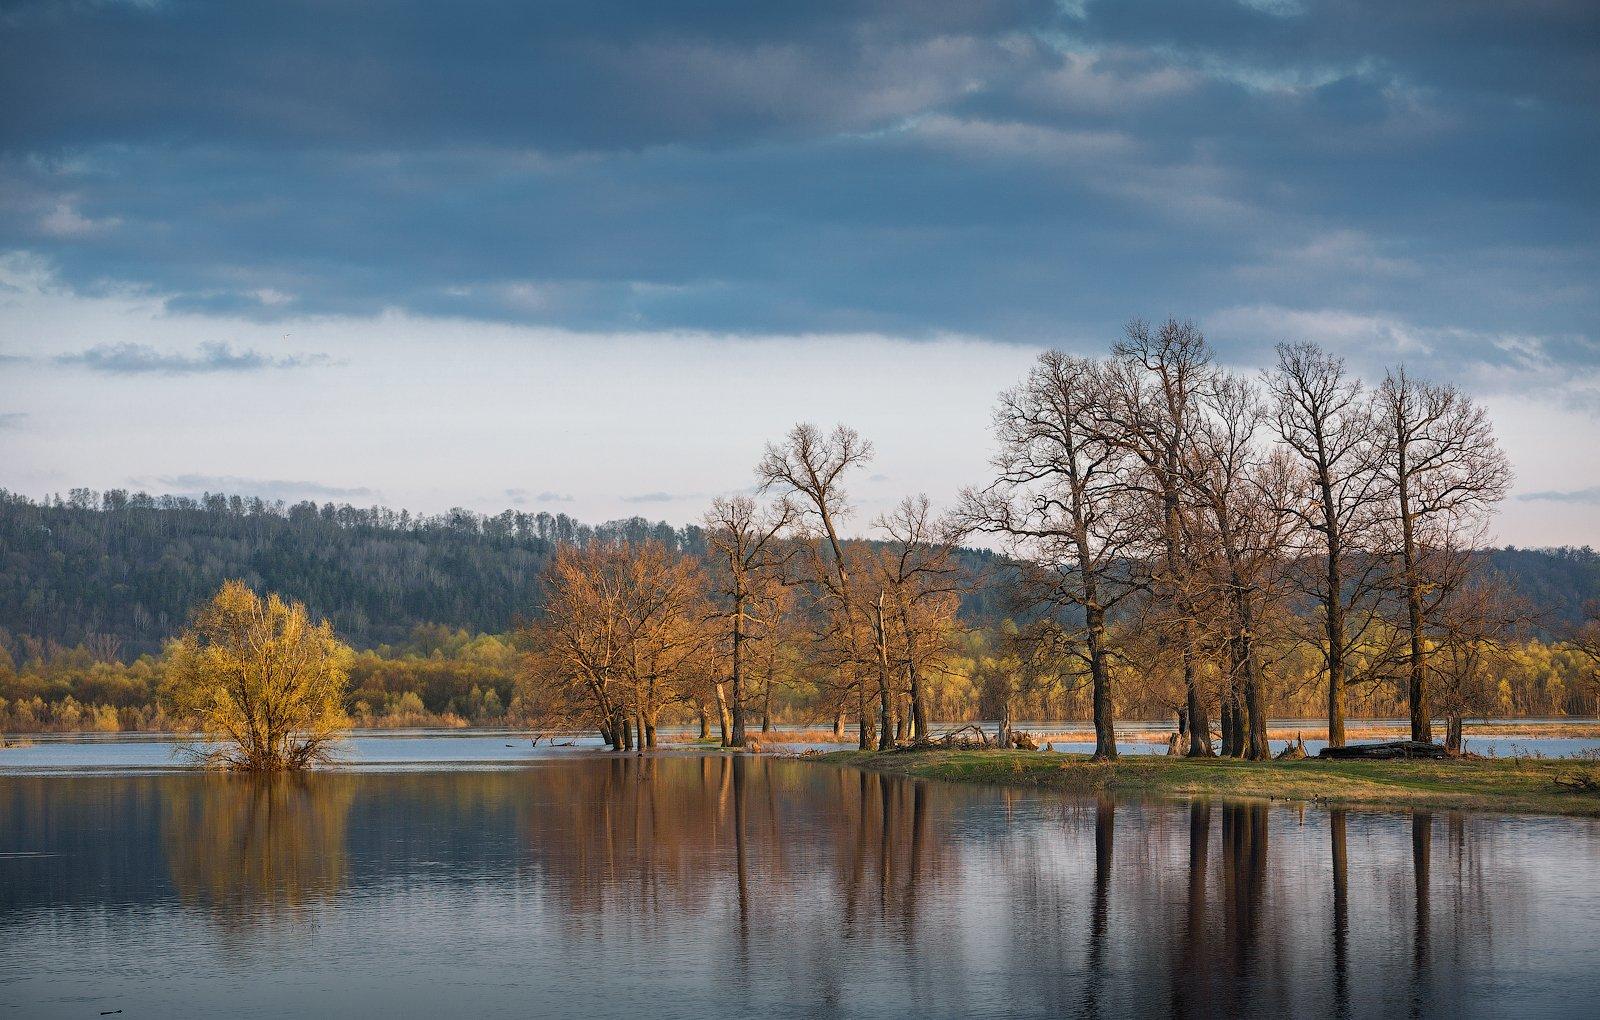 природа пейзаж вечер река деревья, Корнилов Михаил